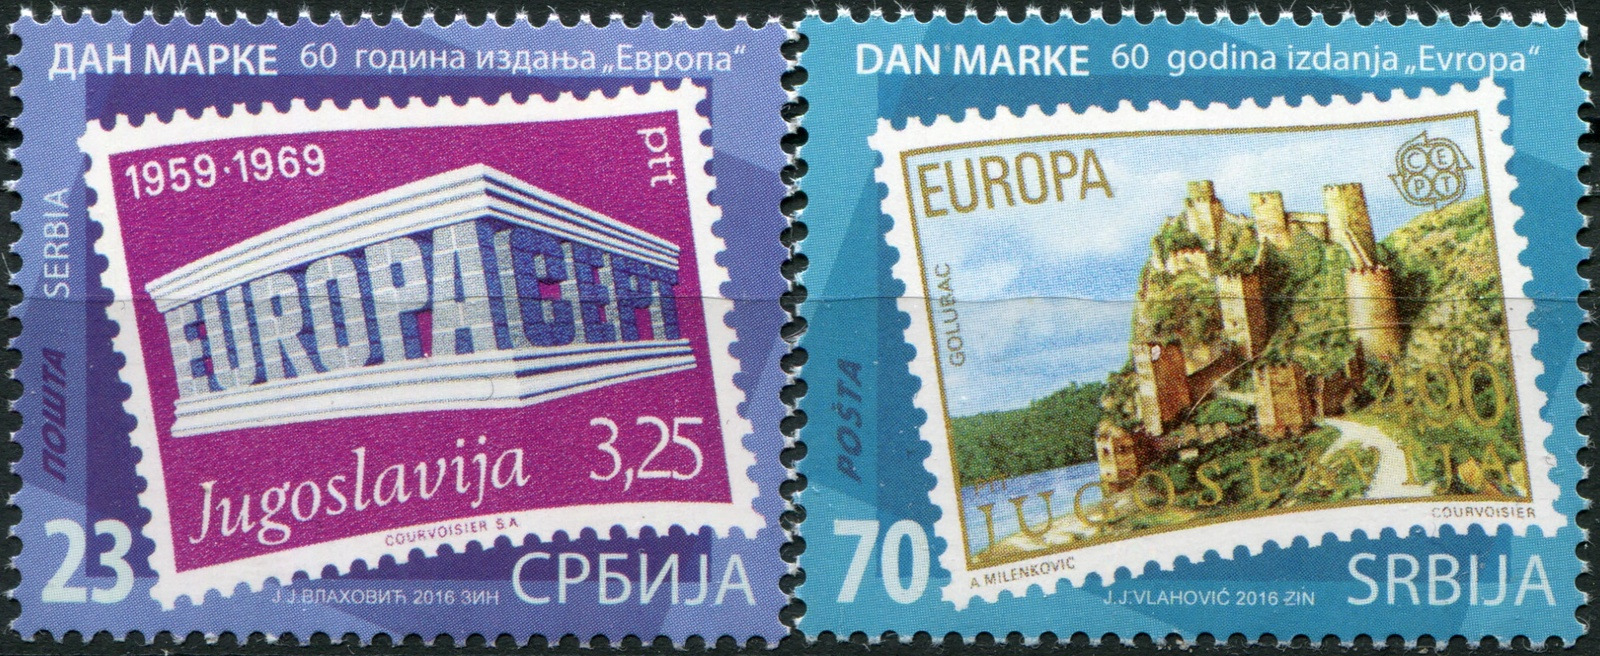 Сербия. 2016. 60 лет совместного выпуска марок EUROPA (Серия. MNH OG)